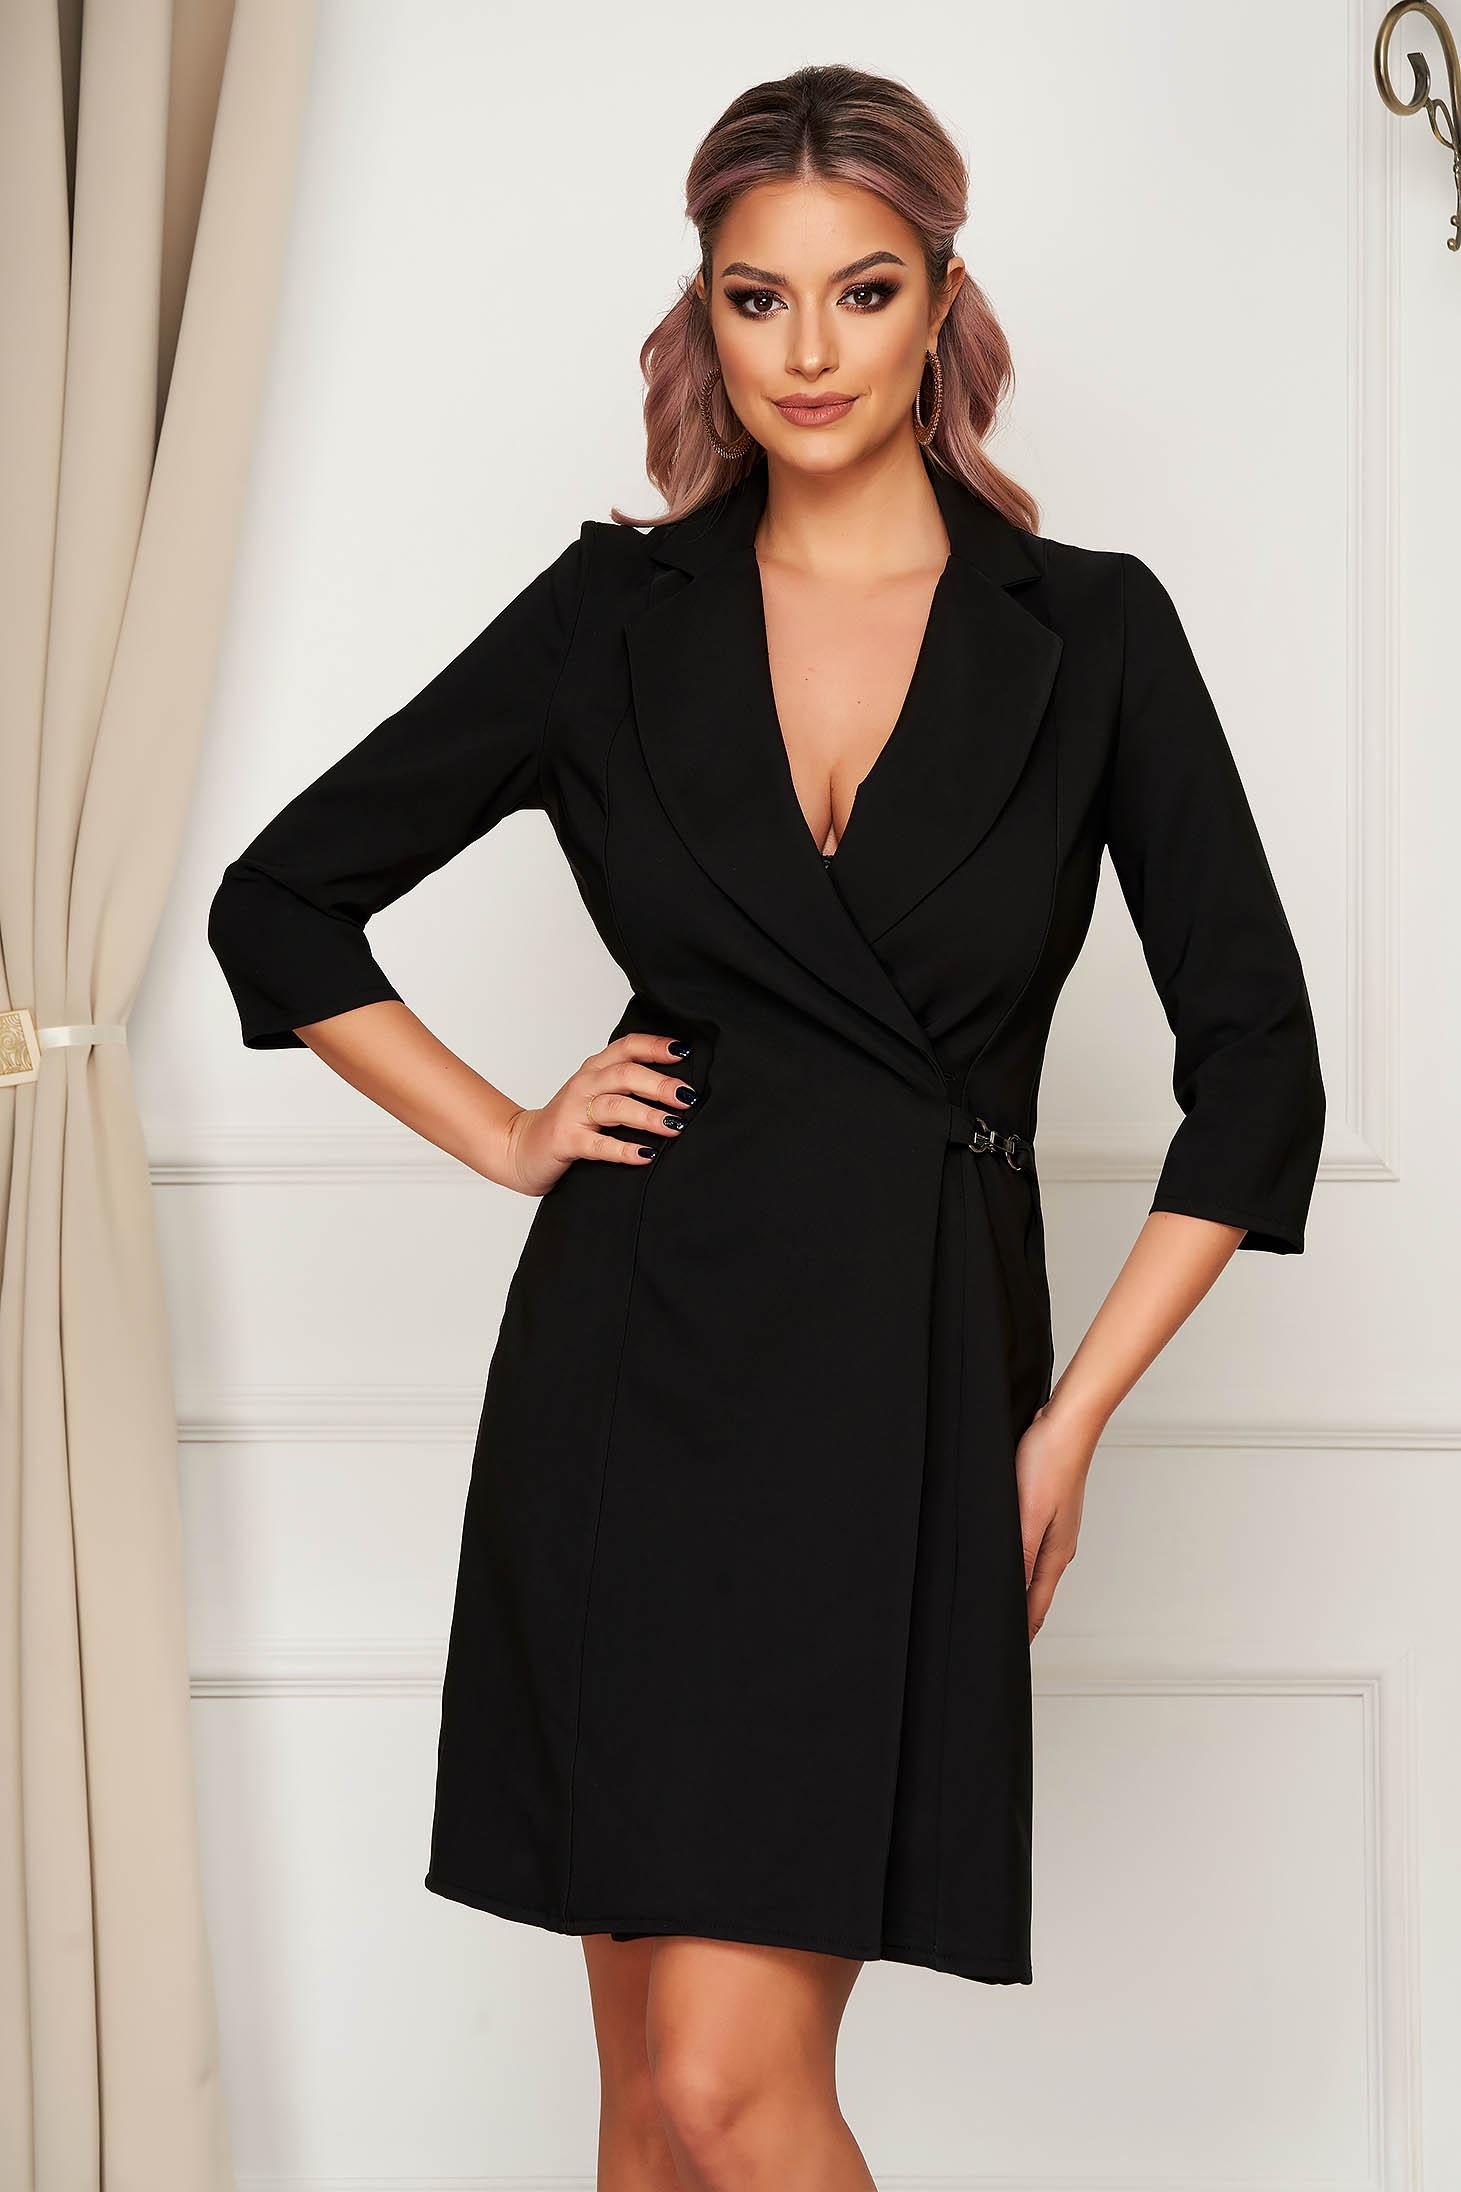 Rochie Artista neagra cu croi in a eleganta scurta petrecuta din stofa material subtire